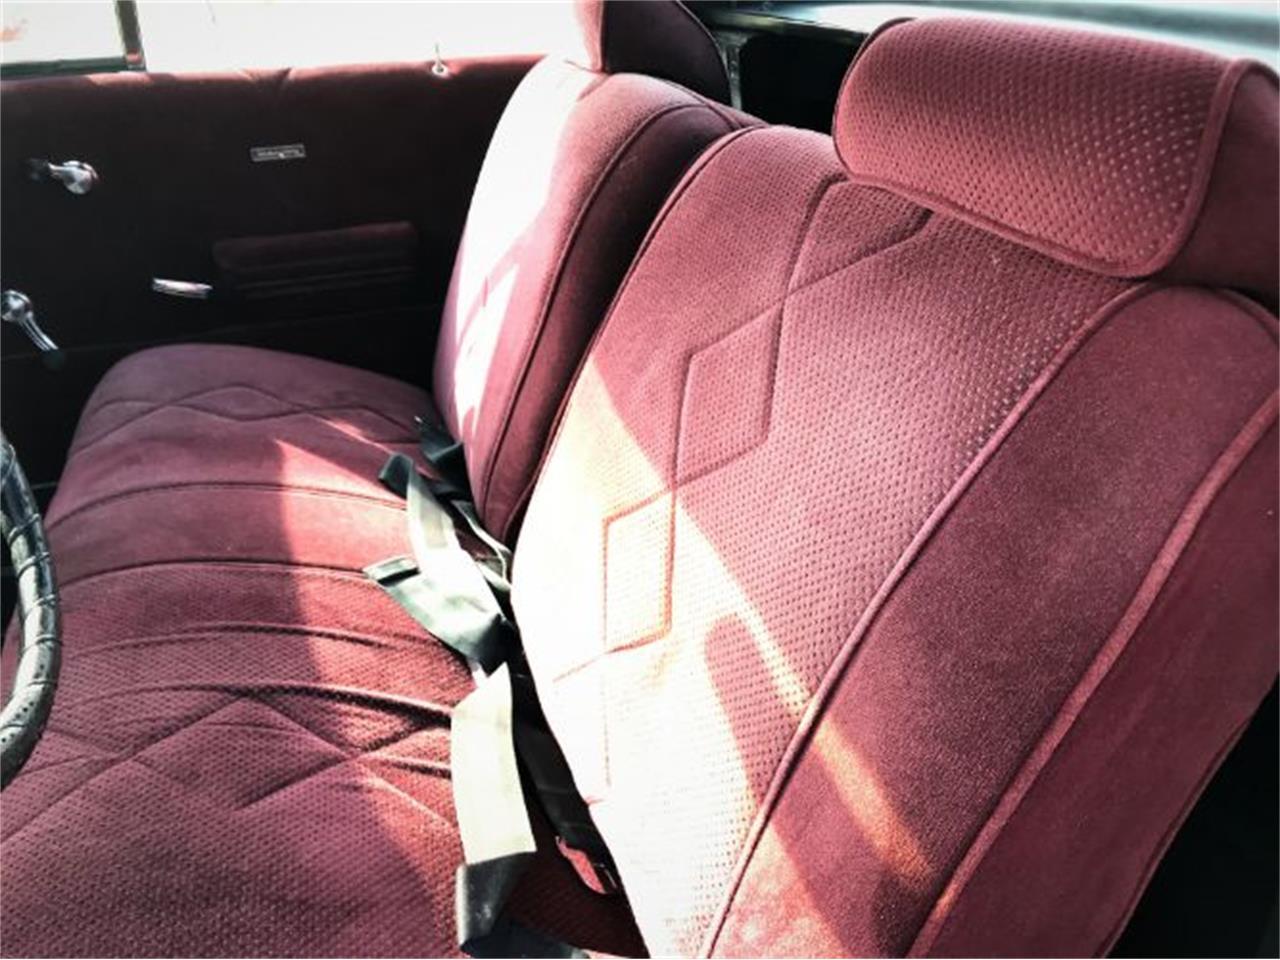 Large Picture of Classic '69 Chevrolet El Camino located in Michigan - $21,895.00 - R00Q